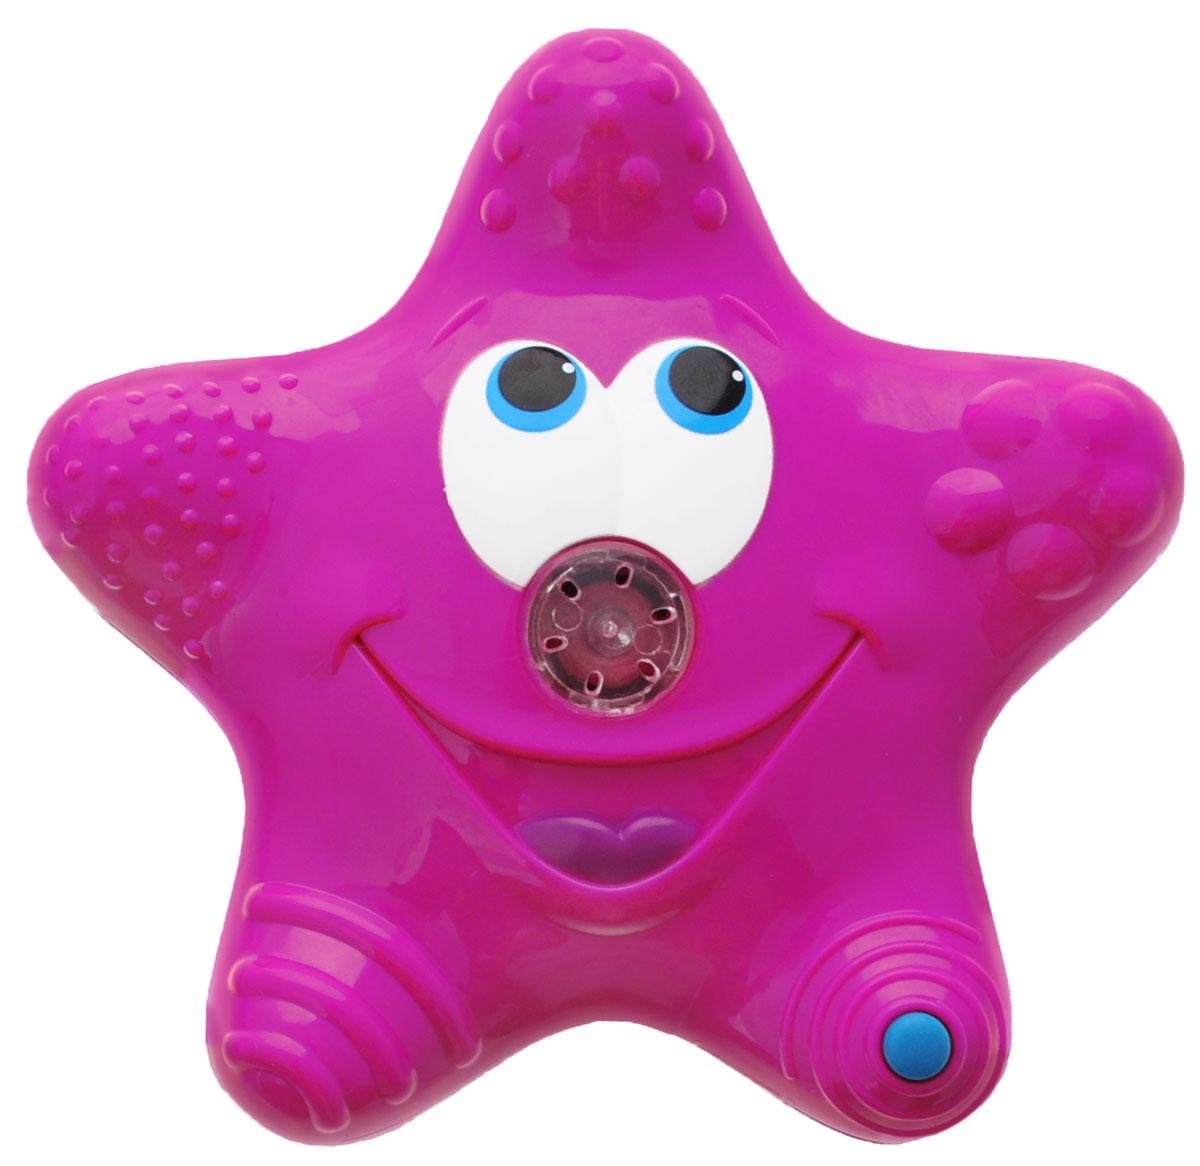 Munchkin Игрушка для ванны Звездочка цвет розовый синий munchkin игрушка для ванной змейка